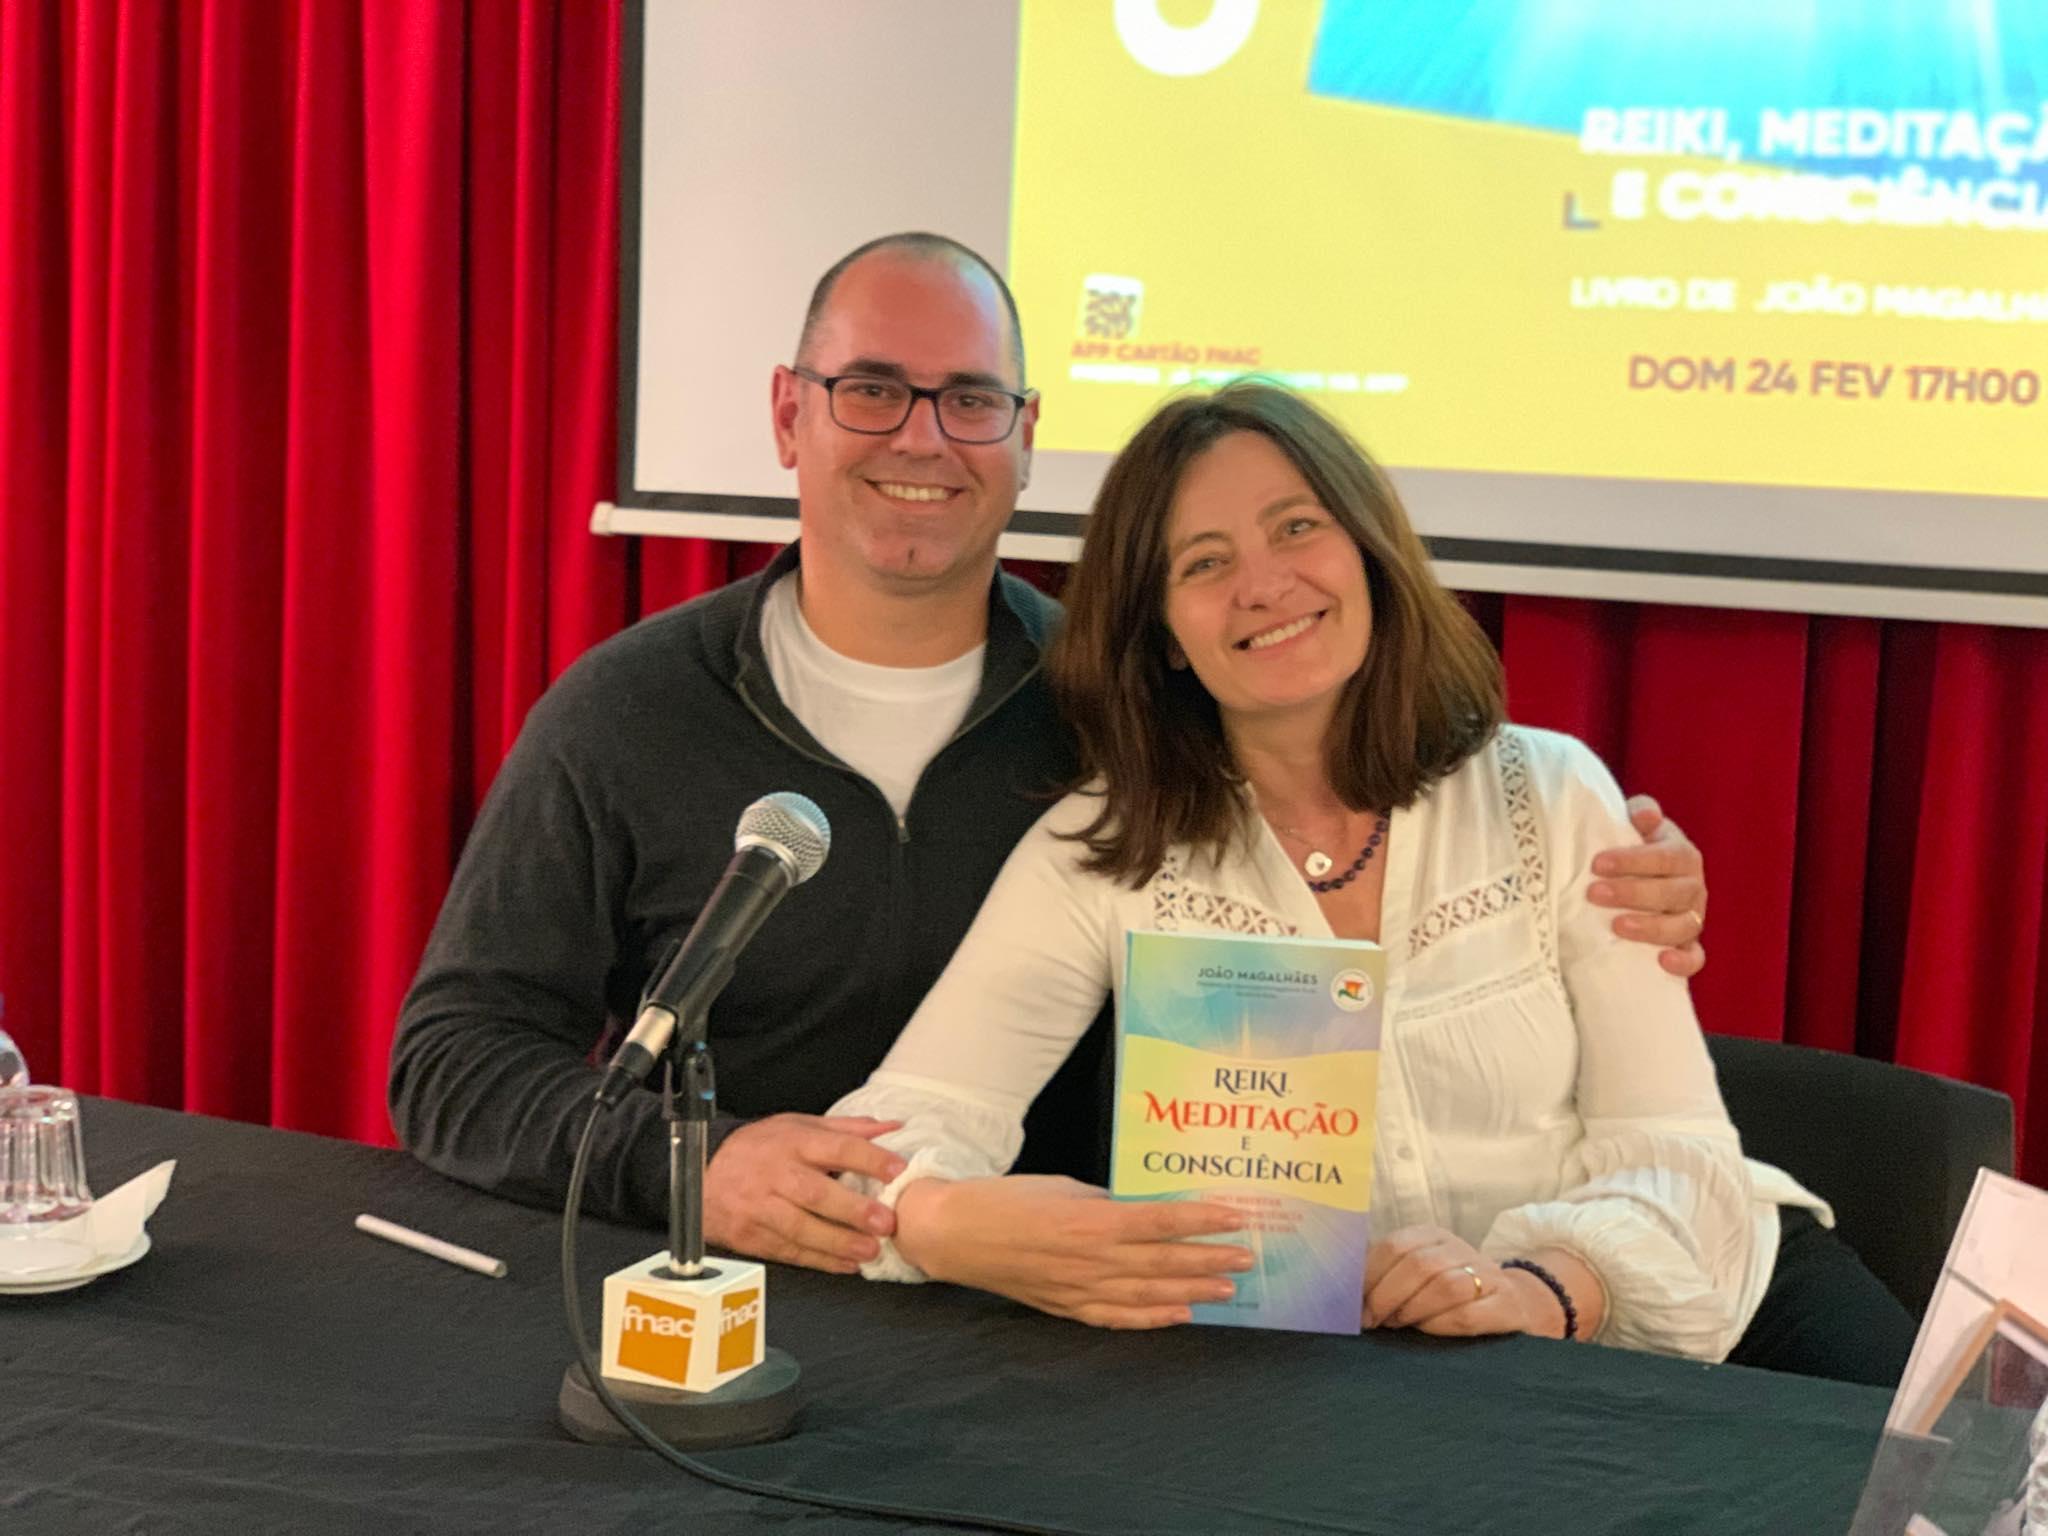 Apresentação de Reiki, Meditação e Consciência na FNAC de Guimarães